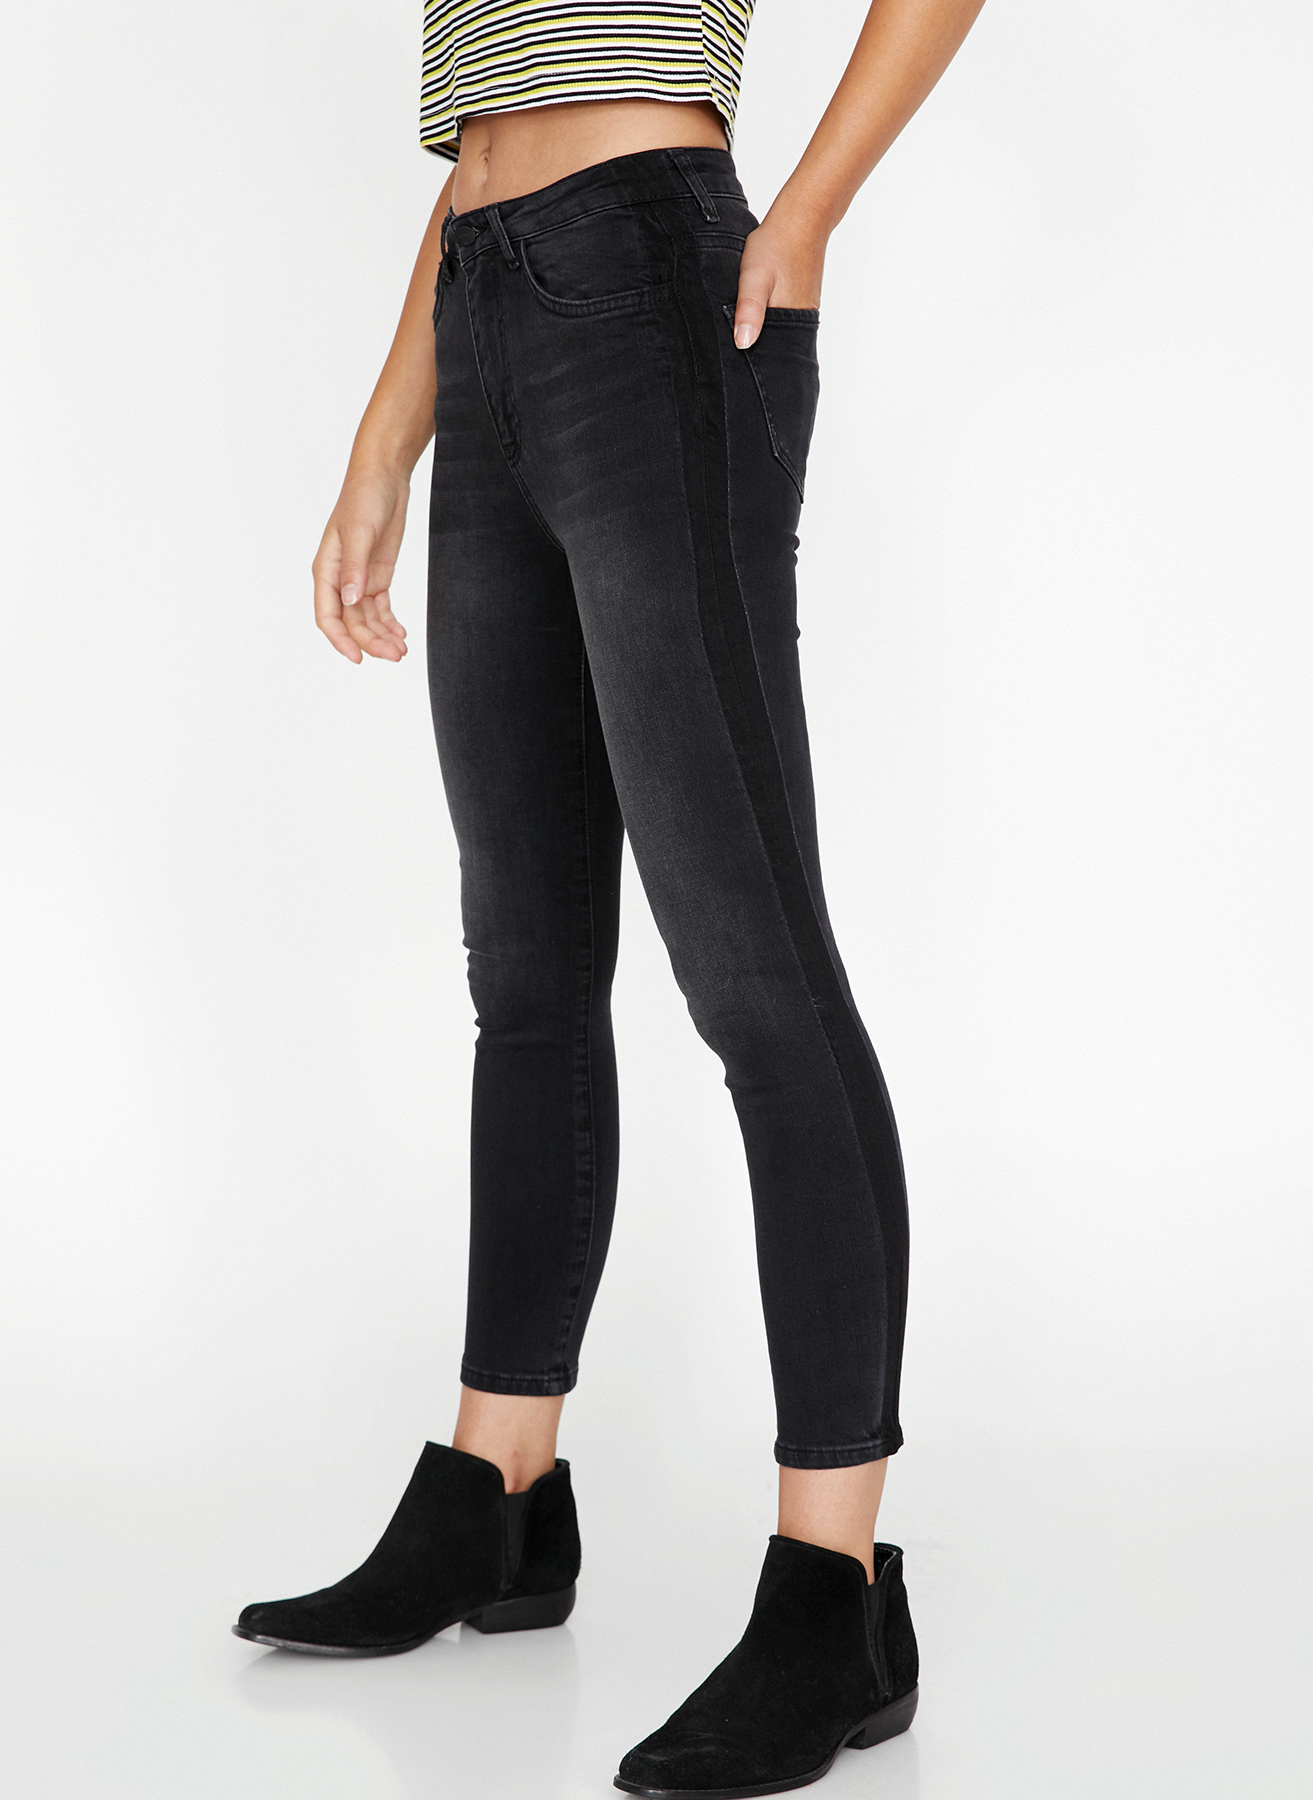 Koton Siyah Denim Pantolon 26-32 5001701395003 Ürün Resmi